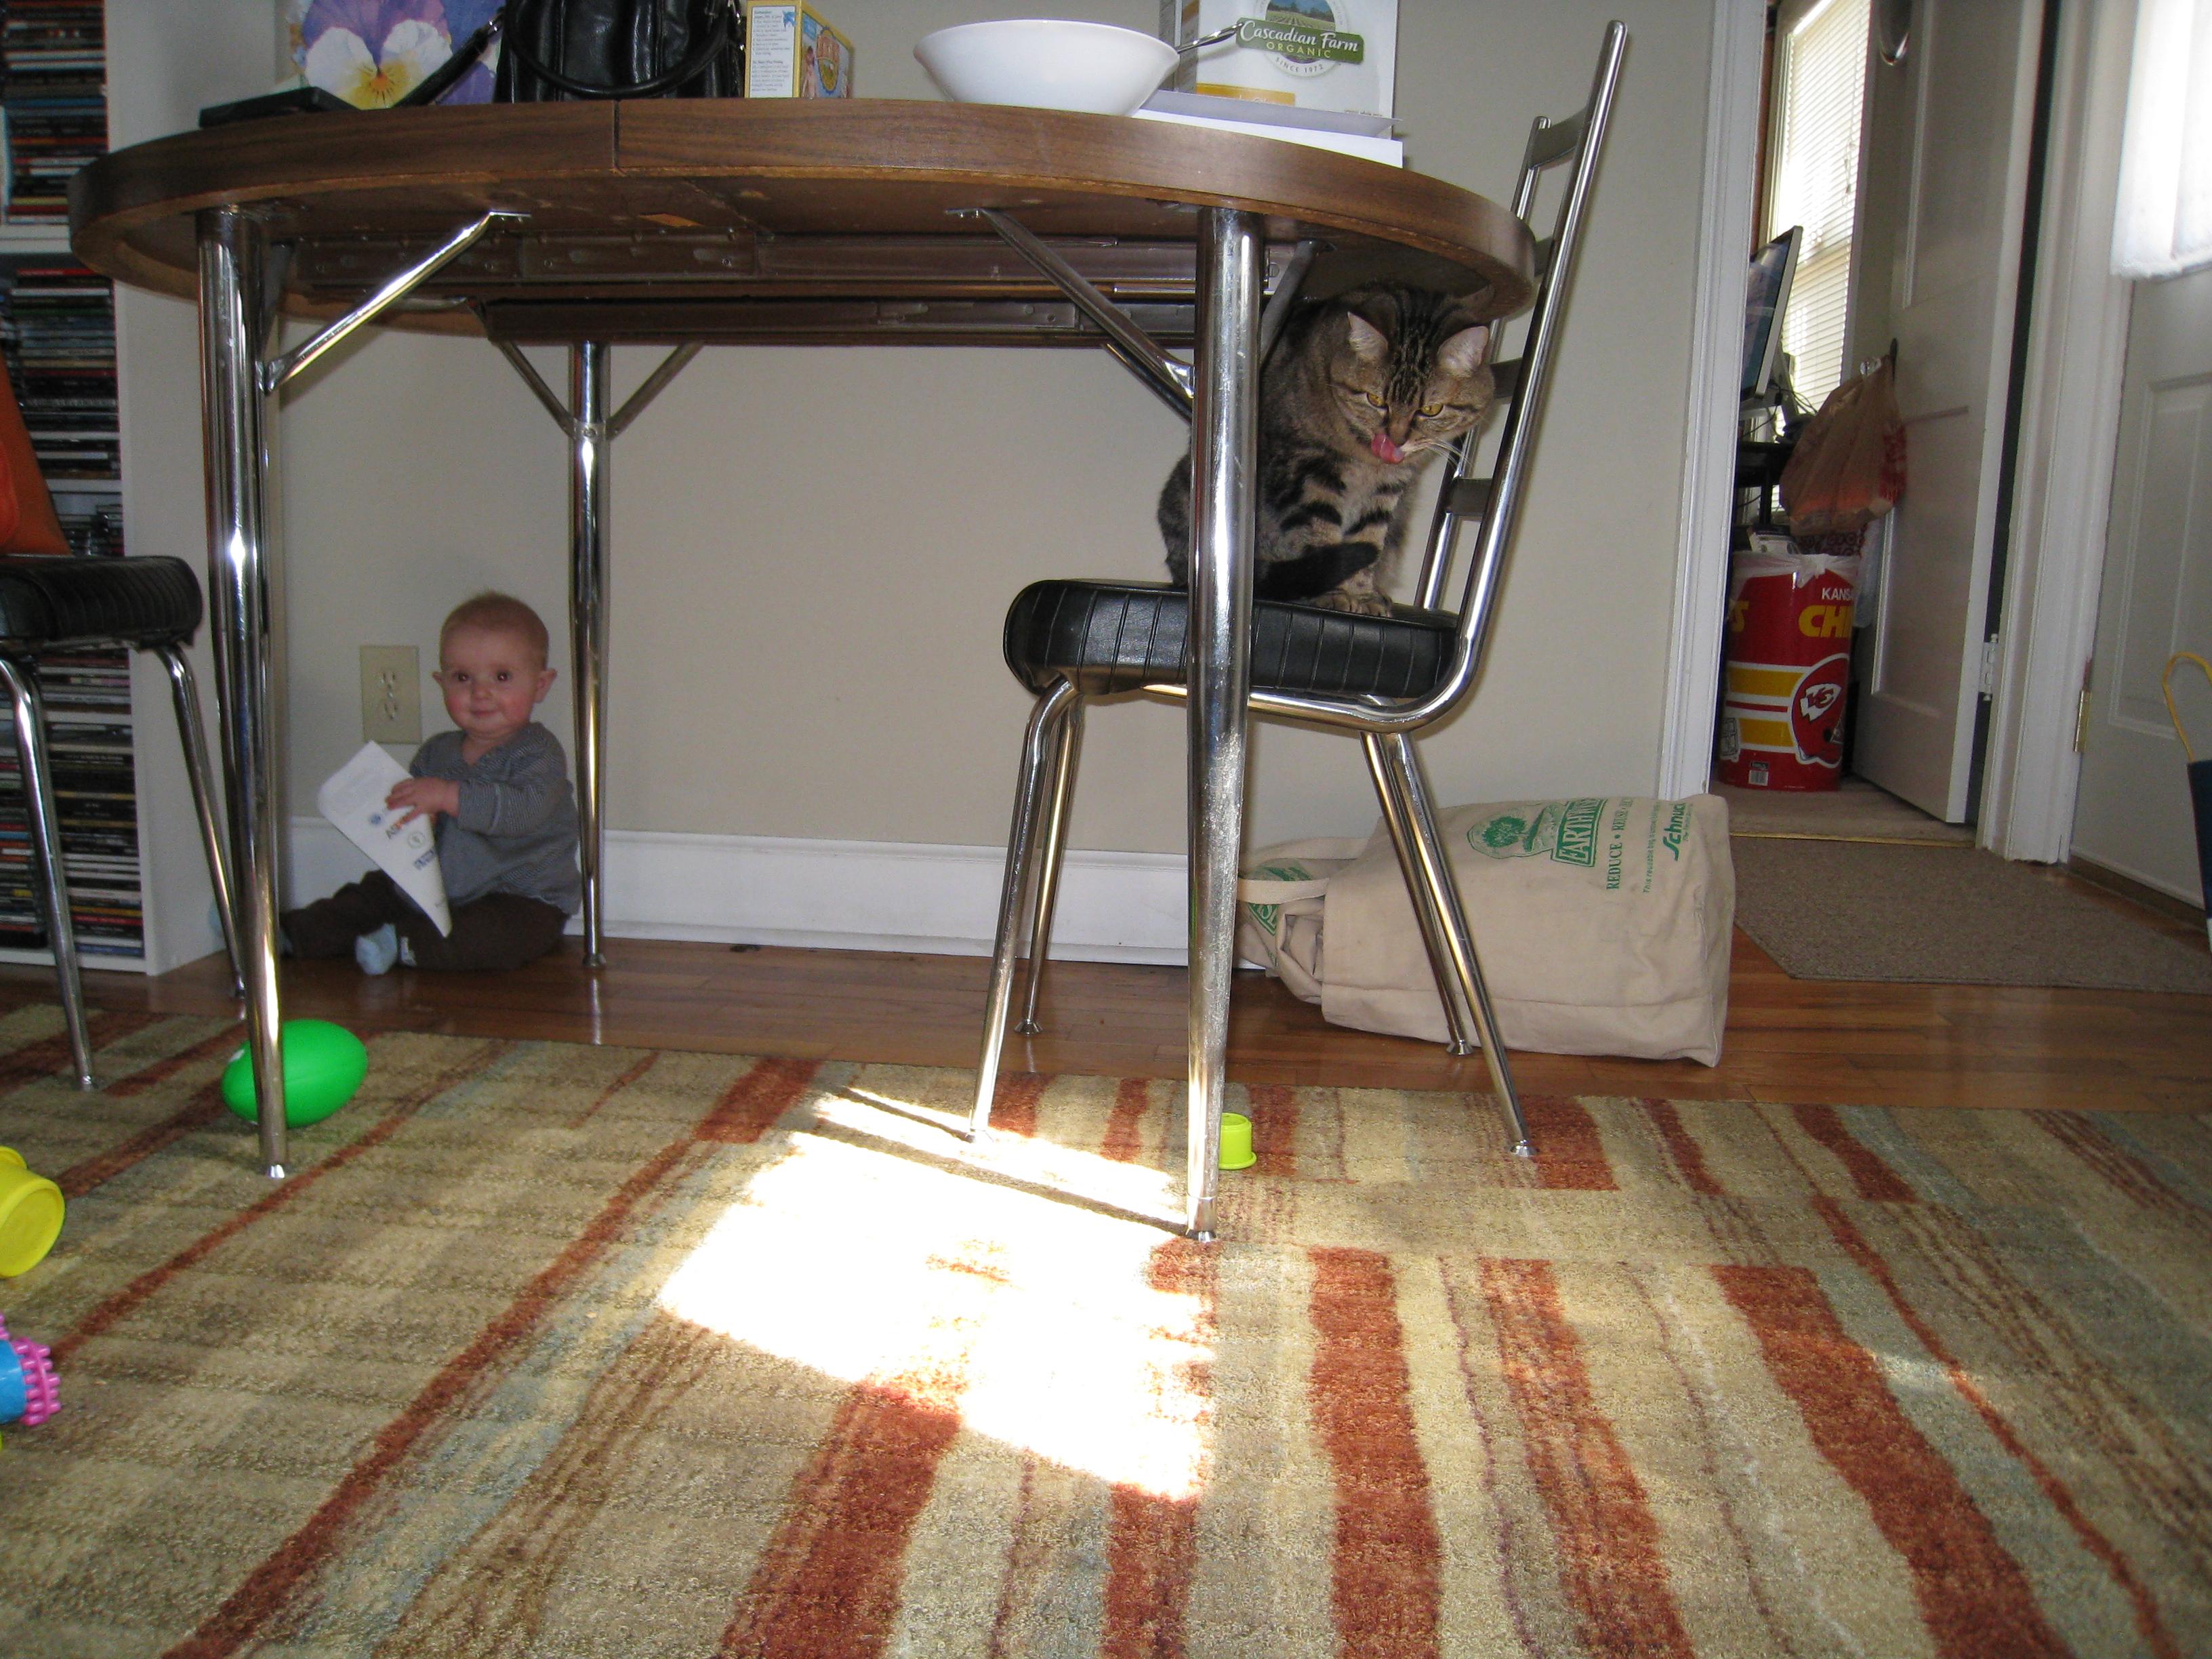 babyproofing-needed